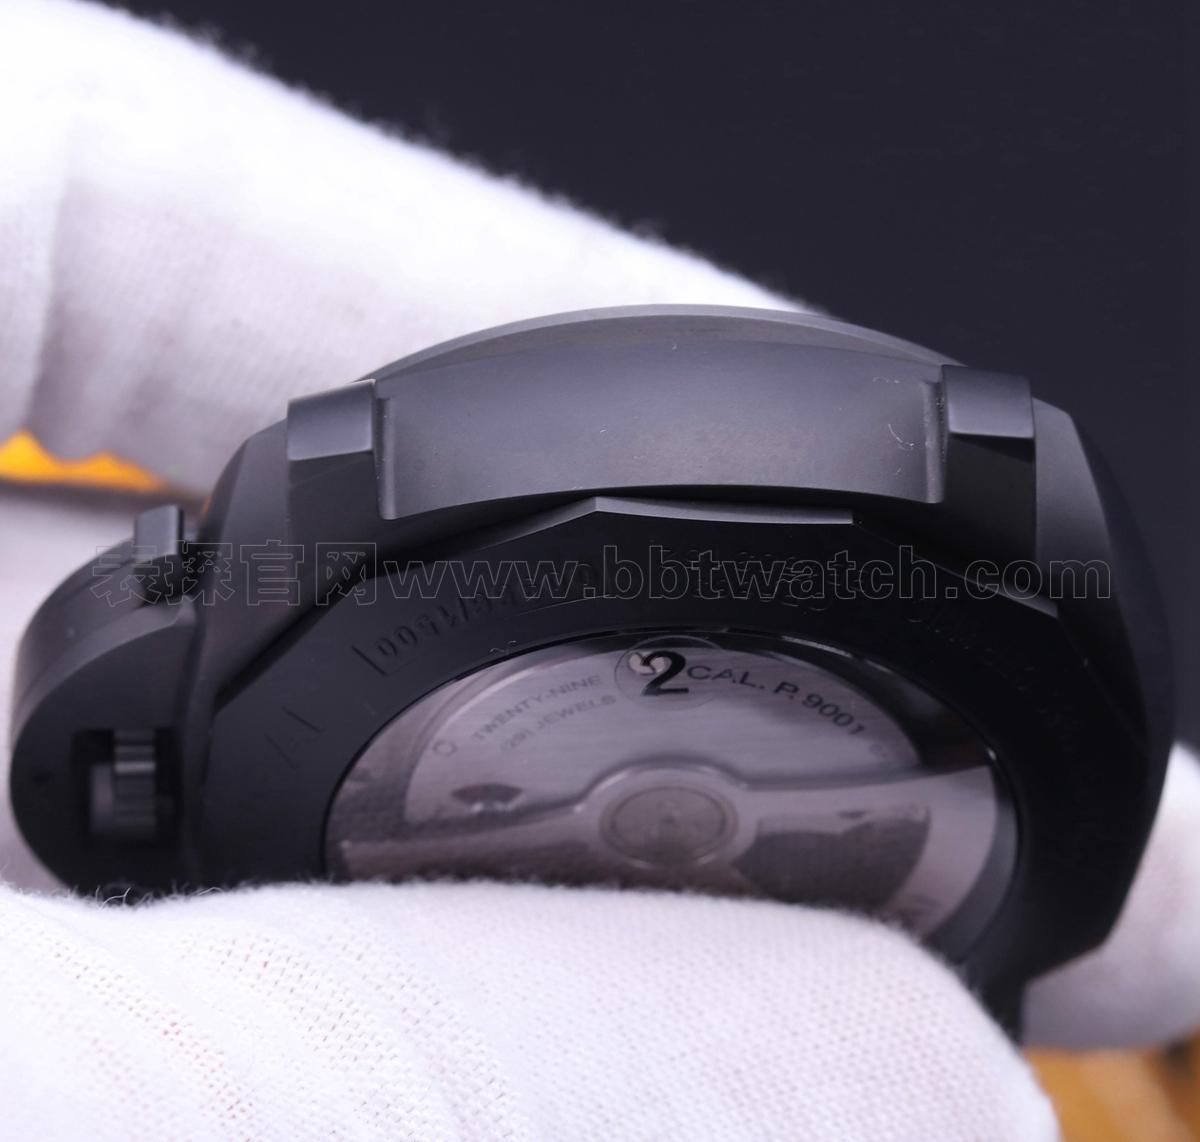 沛纳海vs441新款表带复刻表评测——超酷黑武士